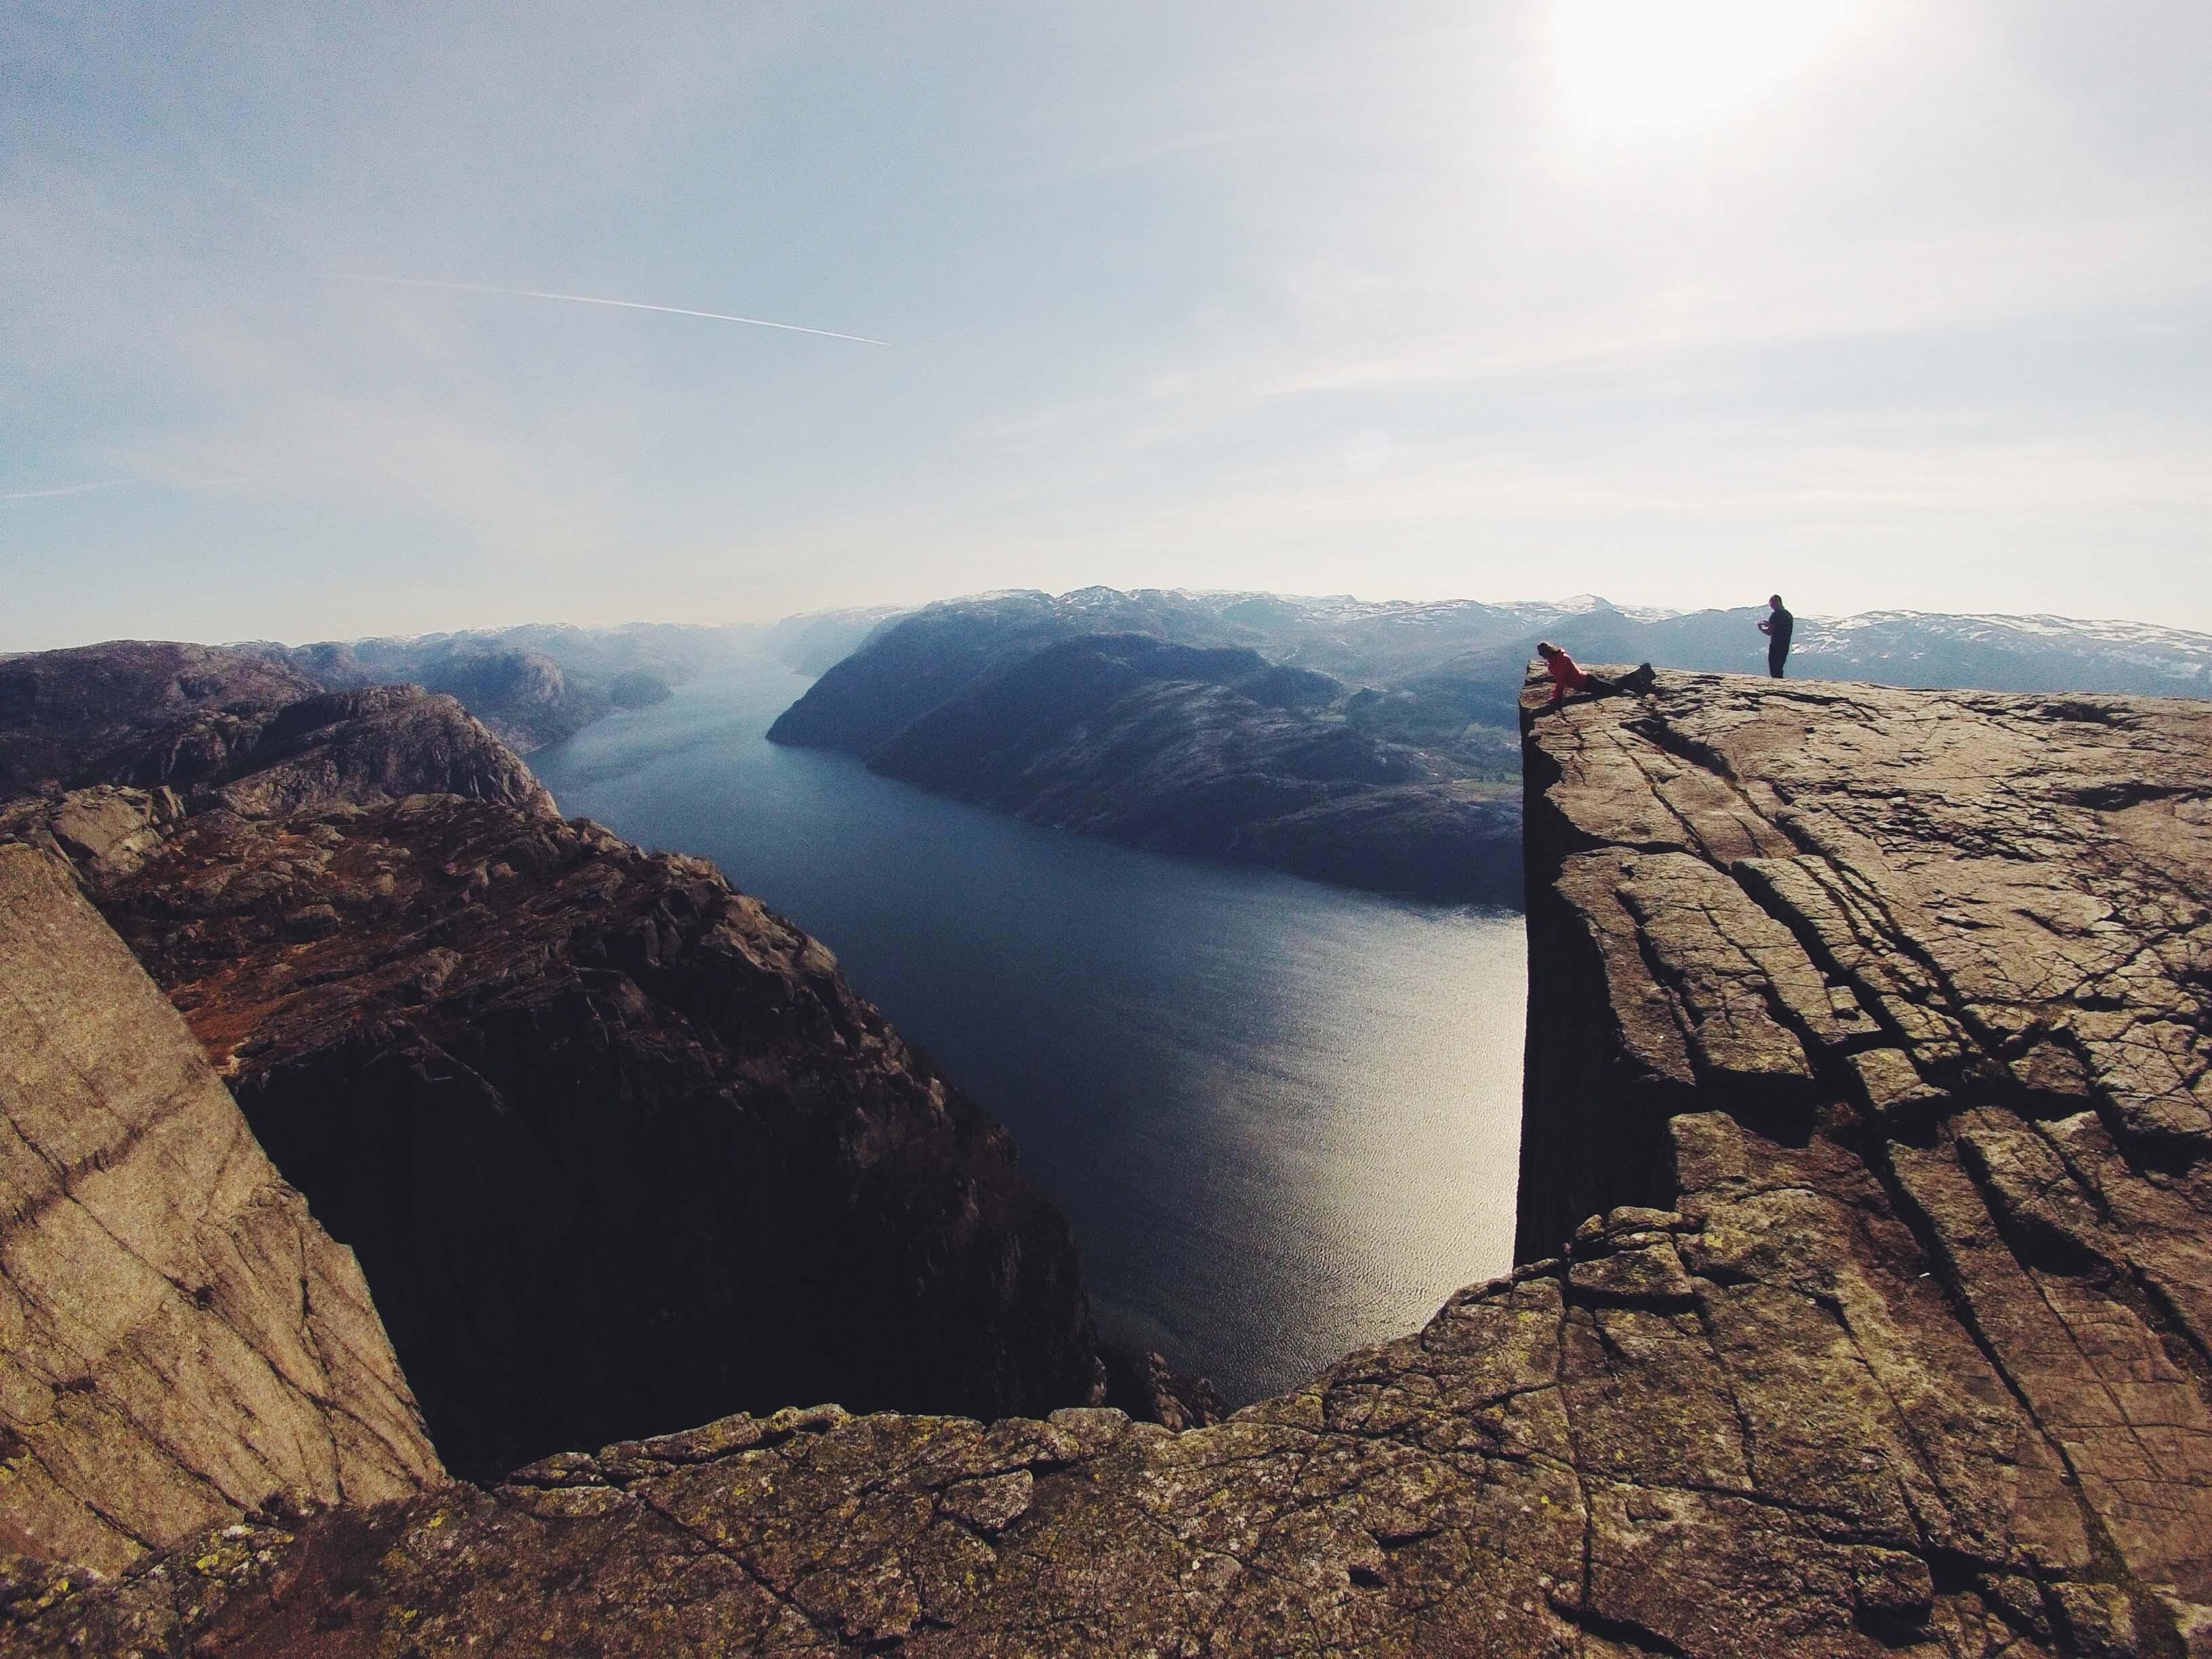 ビスタ, ビスタポイント, 冒険, 外を見るの無料の写真素材